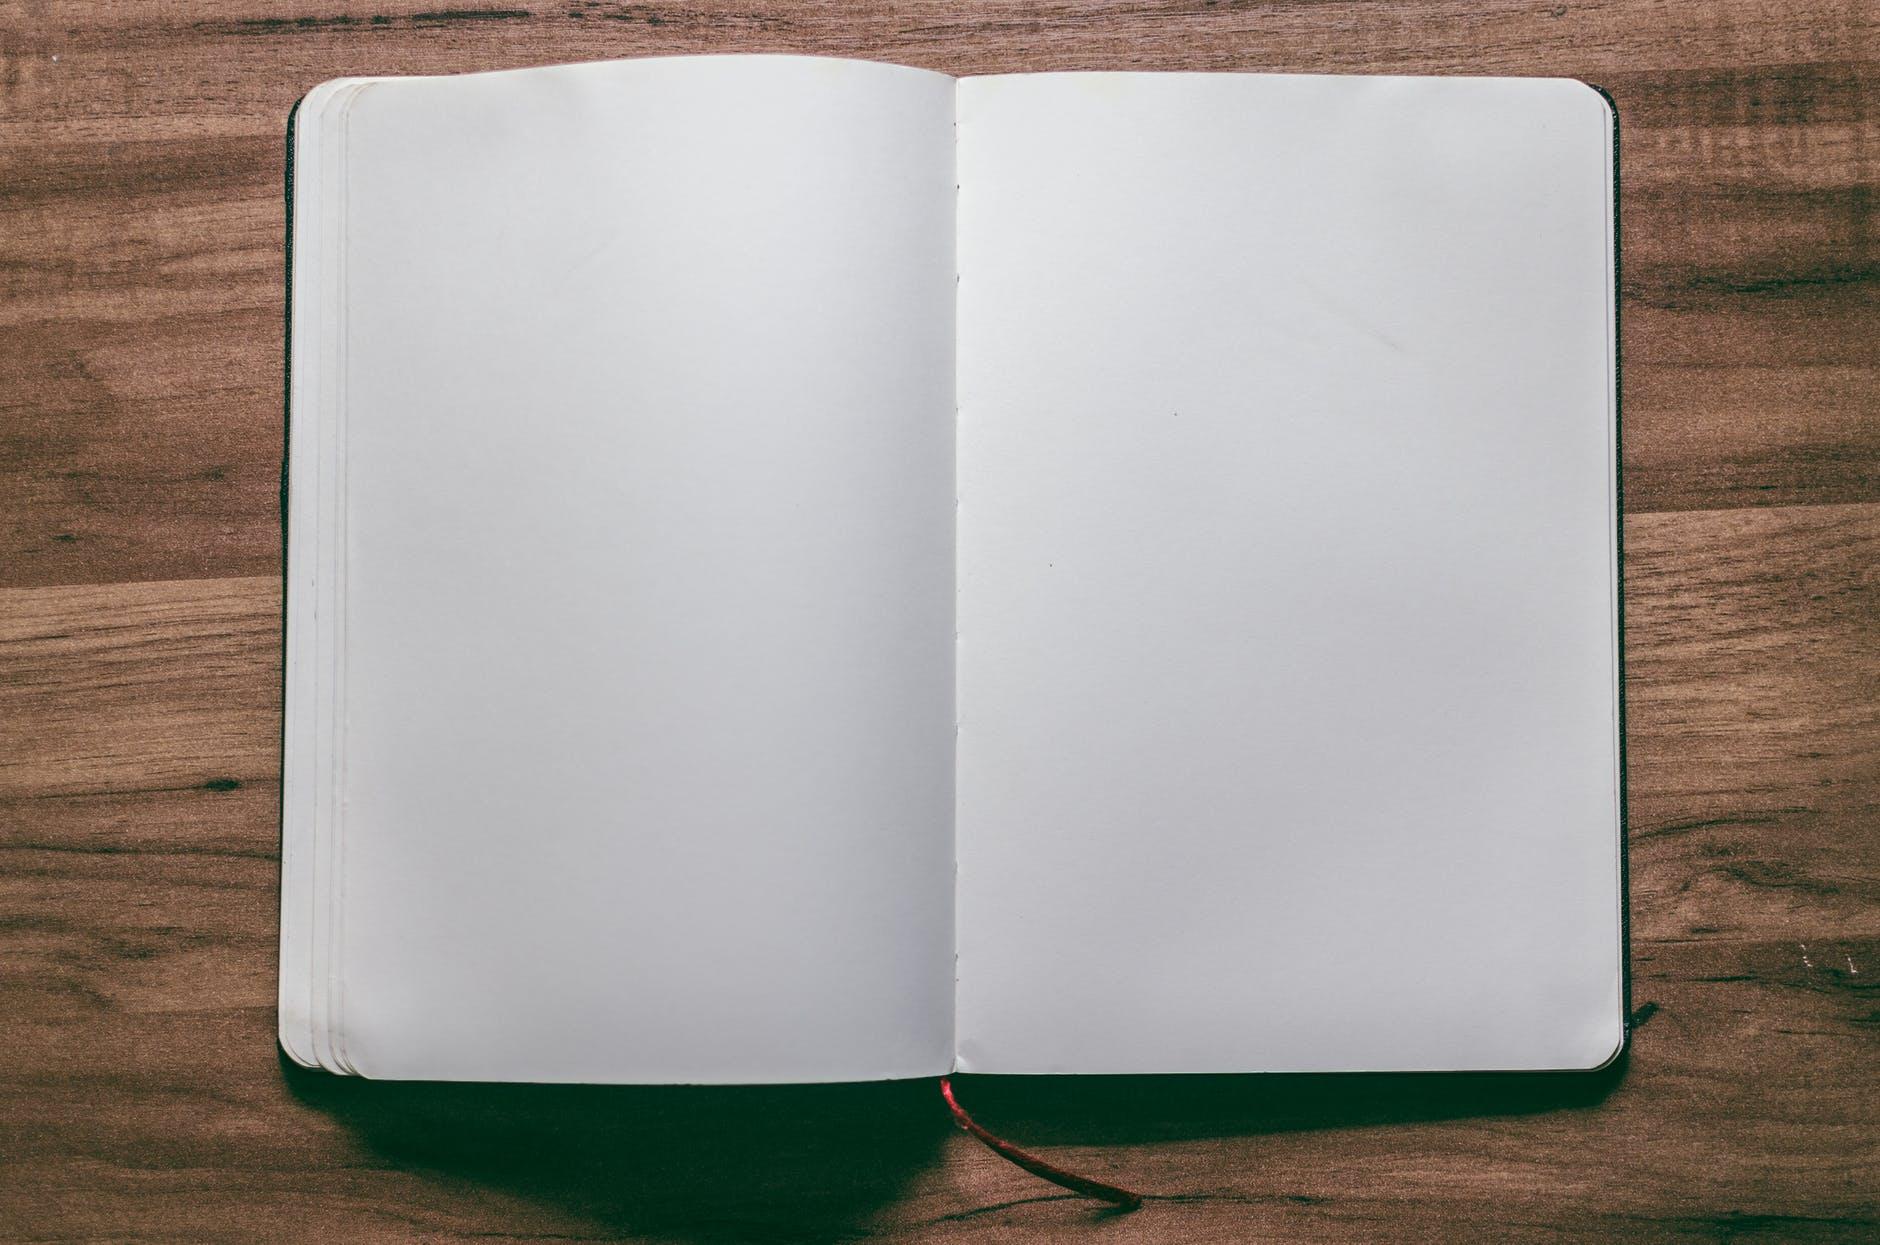 An open, blank journal